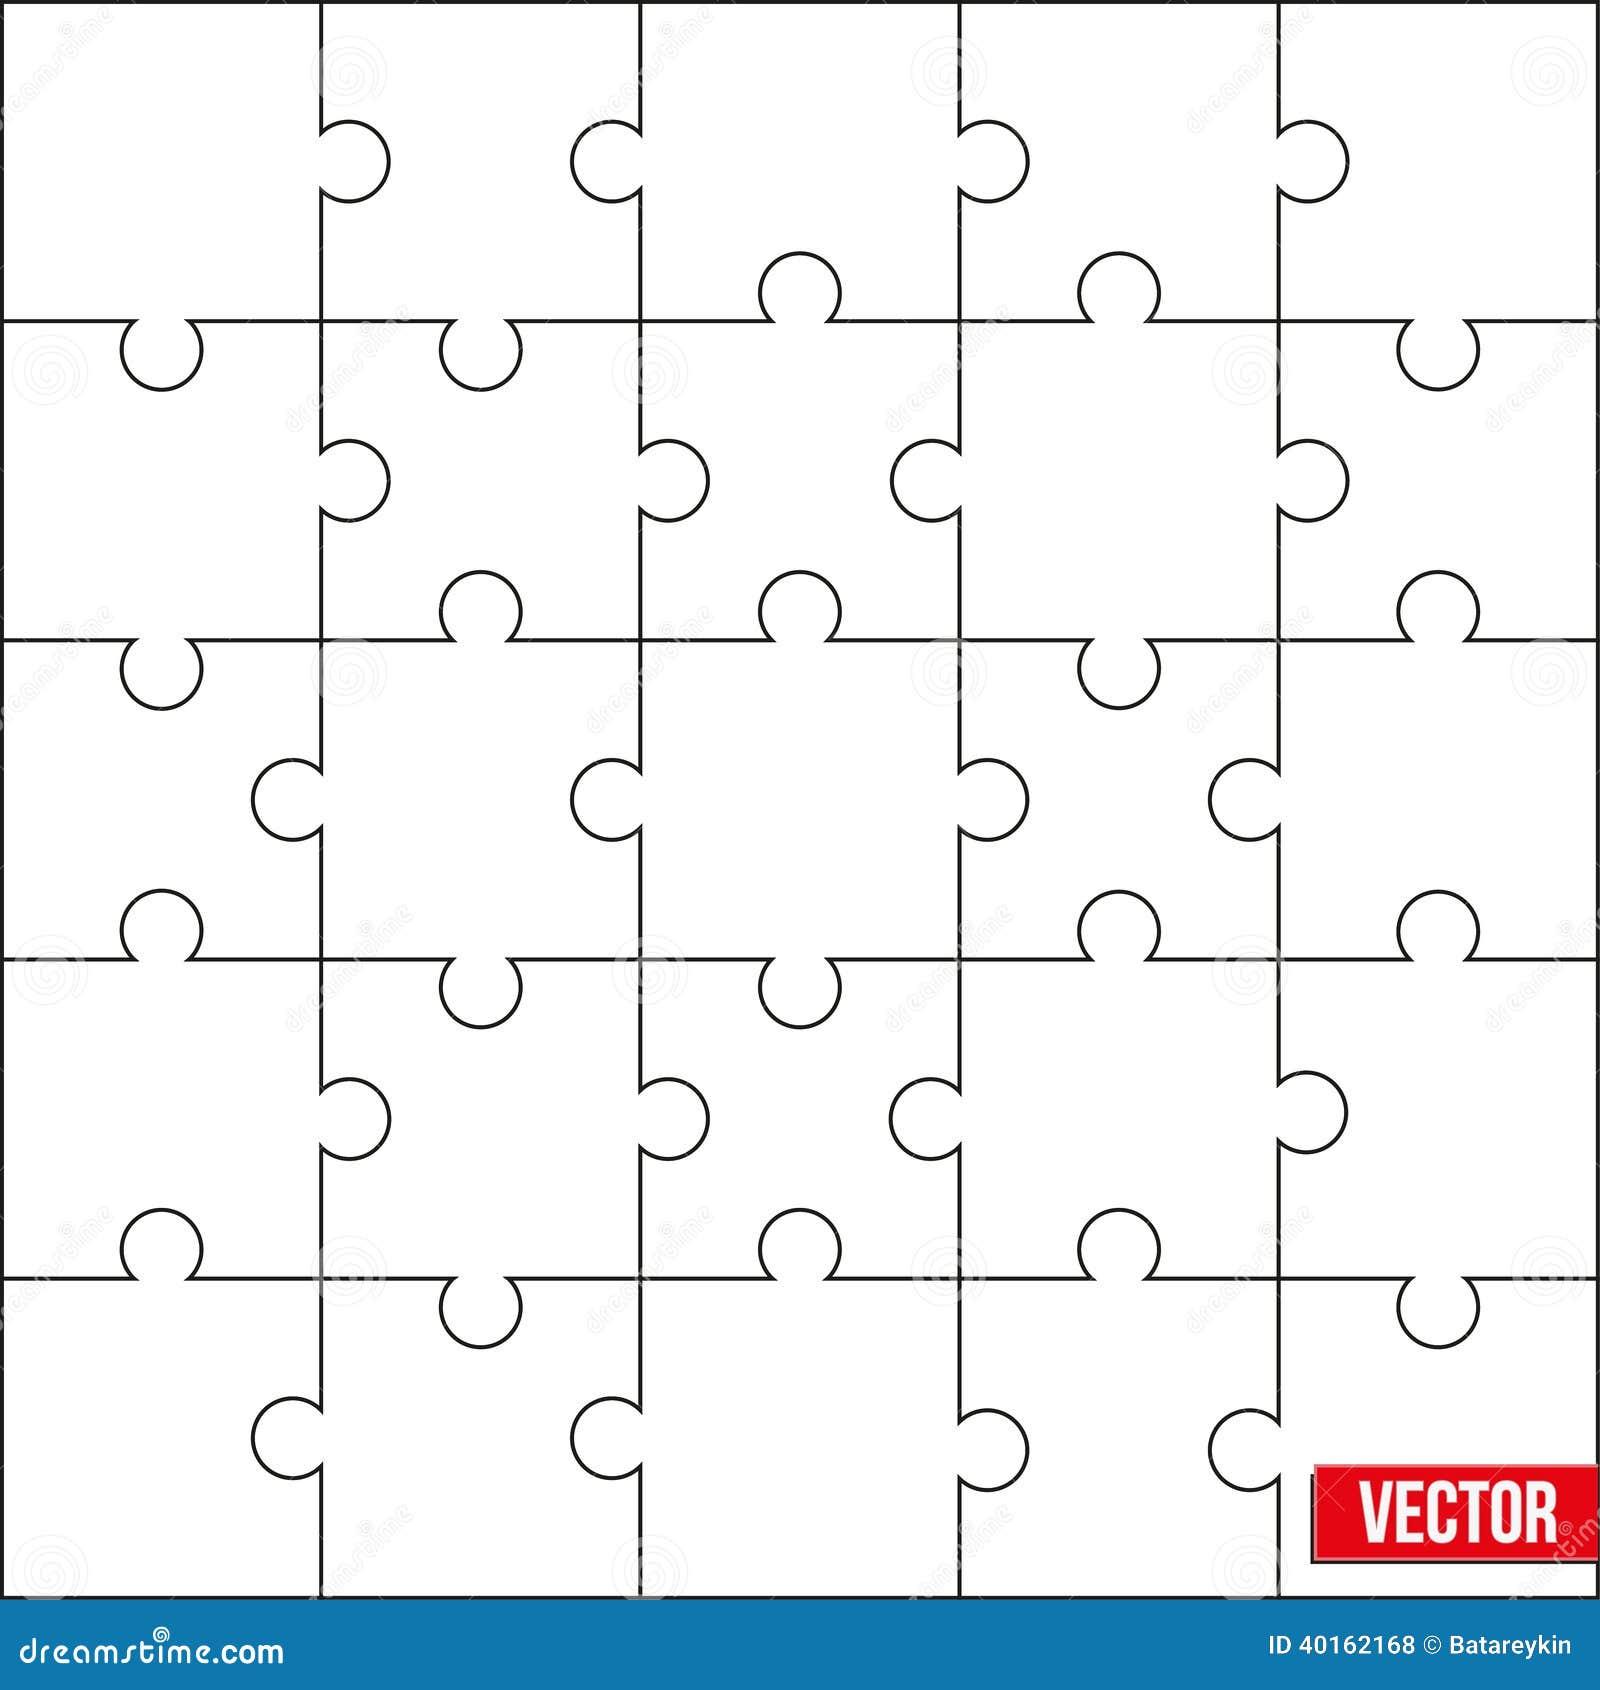 Muestra de instrucciones cuadradas de la plantilla o del corte del espacio en blanco del rompecabezas. Vector.